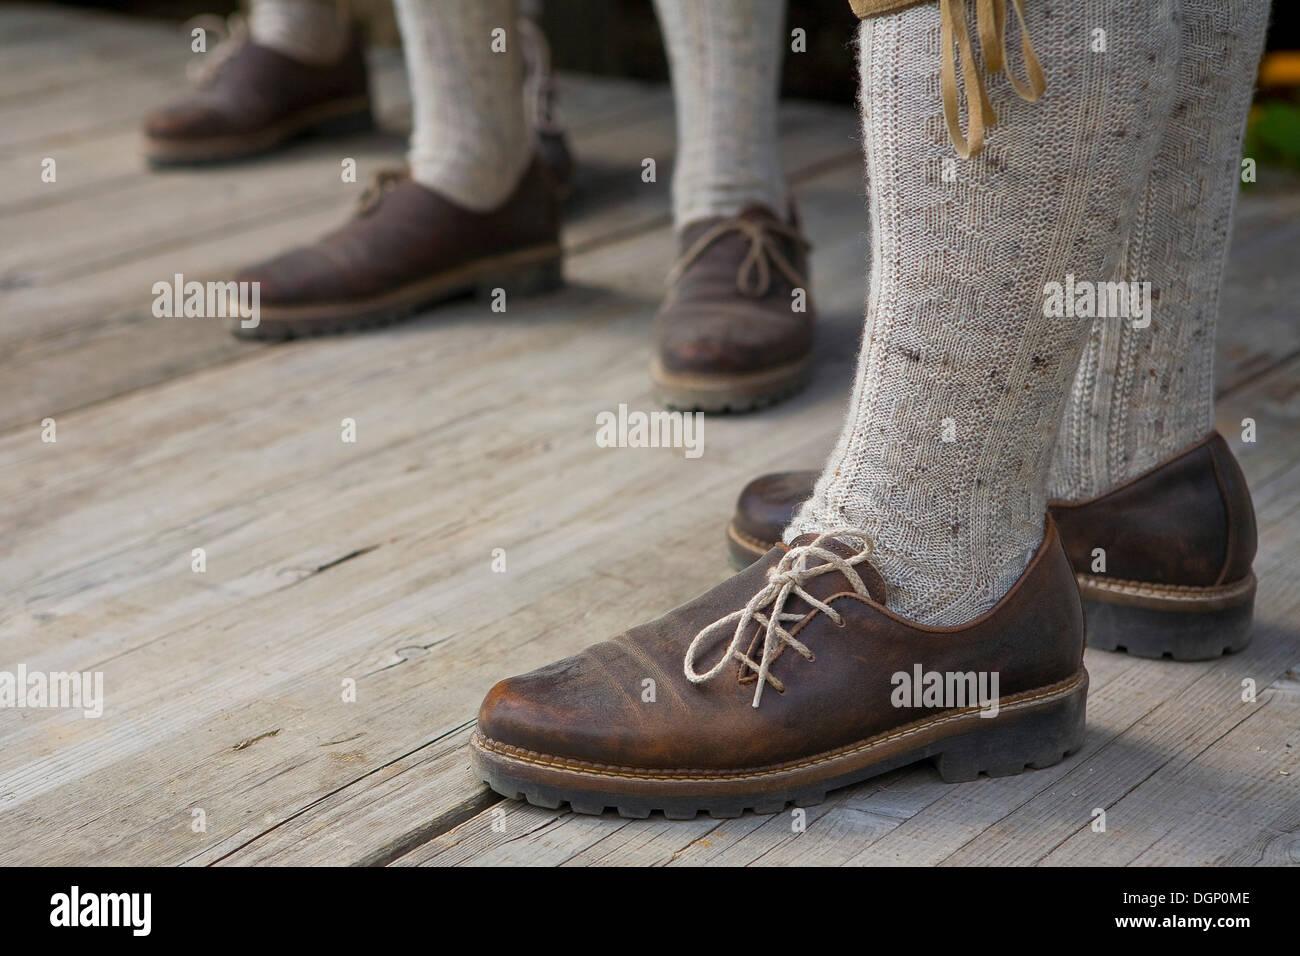 Traje tradicional tirolês, detalhe dos pés, o Tirol do Sul, Itália, Europa Imagens de Stock